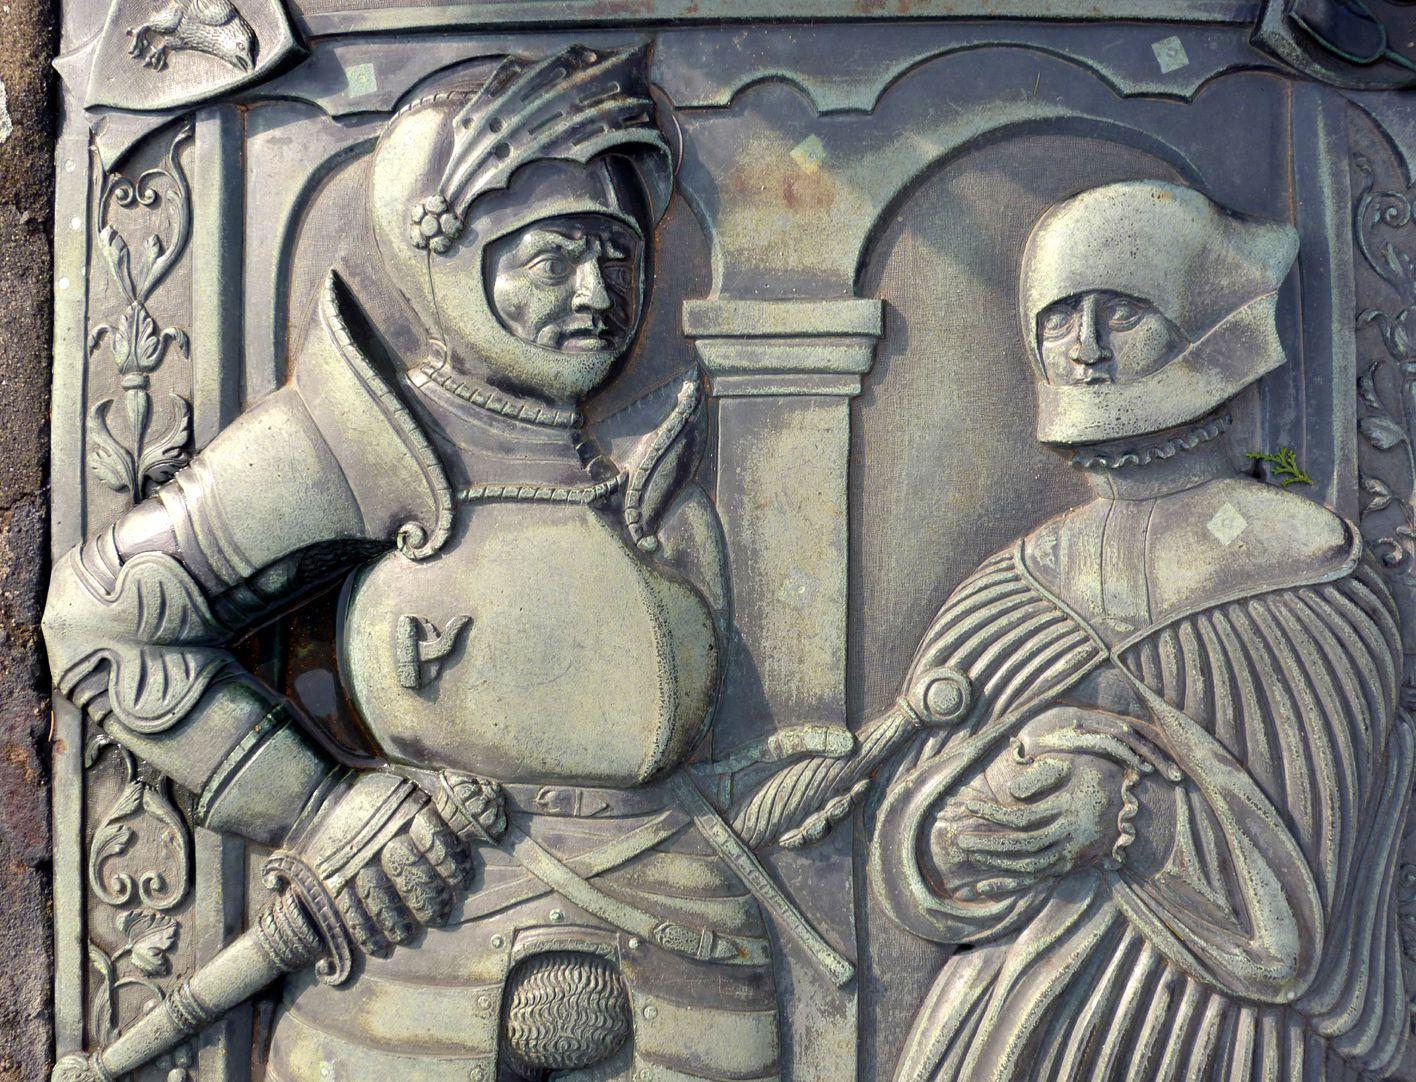 Alexius Müntzer von Bamberg (gest.1537) und Katharina Eisen (gest.1552) Hauptfiguren, Detail